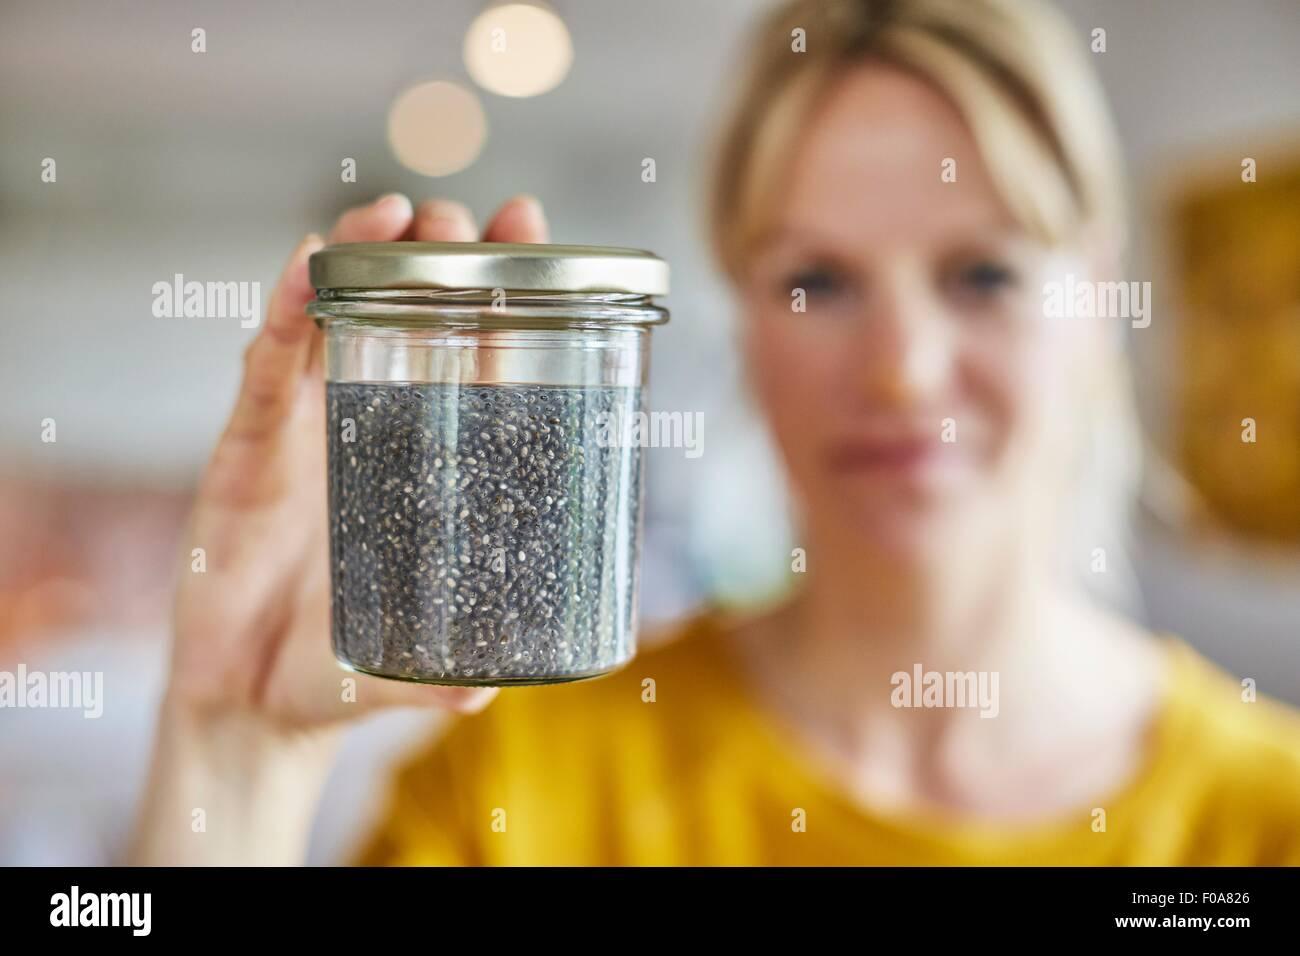 Donna matura, tenendo in mano un vasetto di semi, concentrarsi sulle sementi Immagini Stock